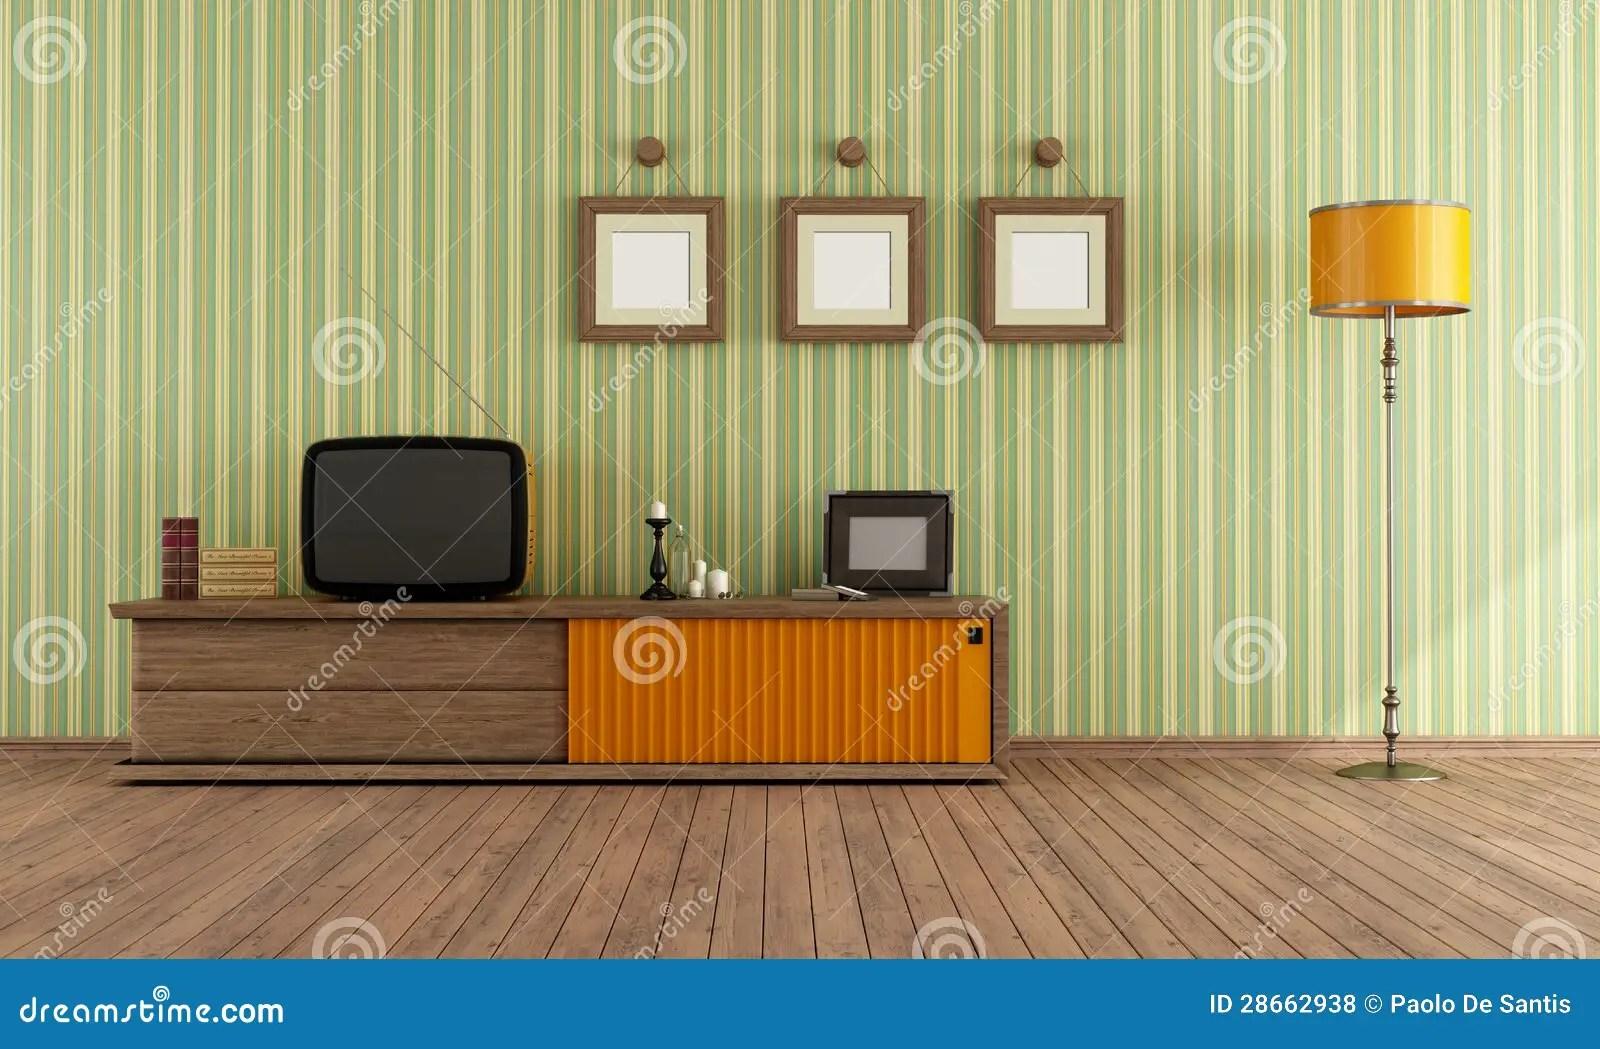 Retro TV in a living room stock illustration Illustration